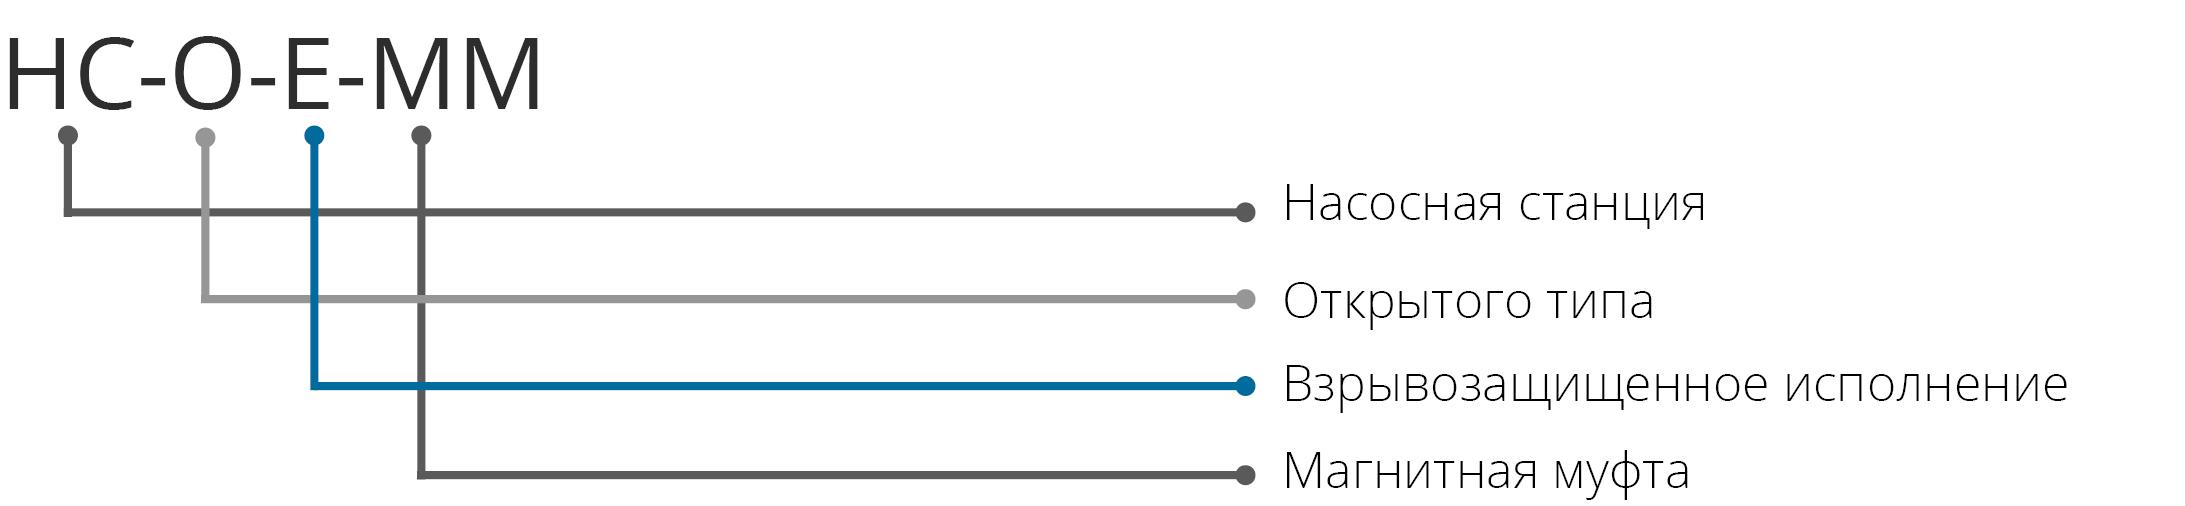 Условное обозначение многосекционных высоконапорных герметичных насоснх блоков